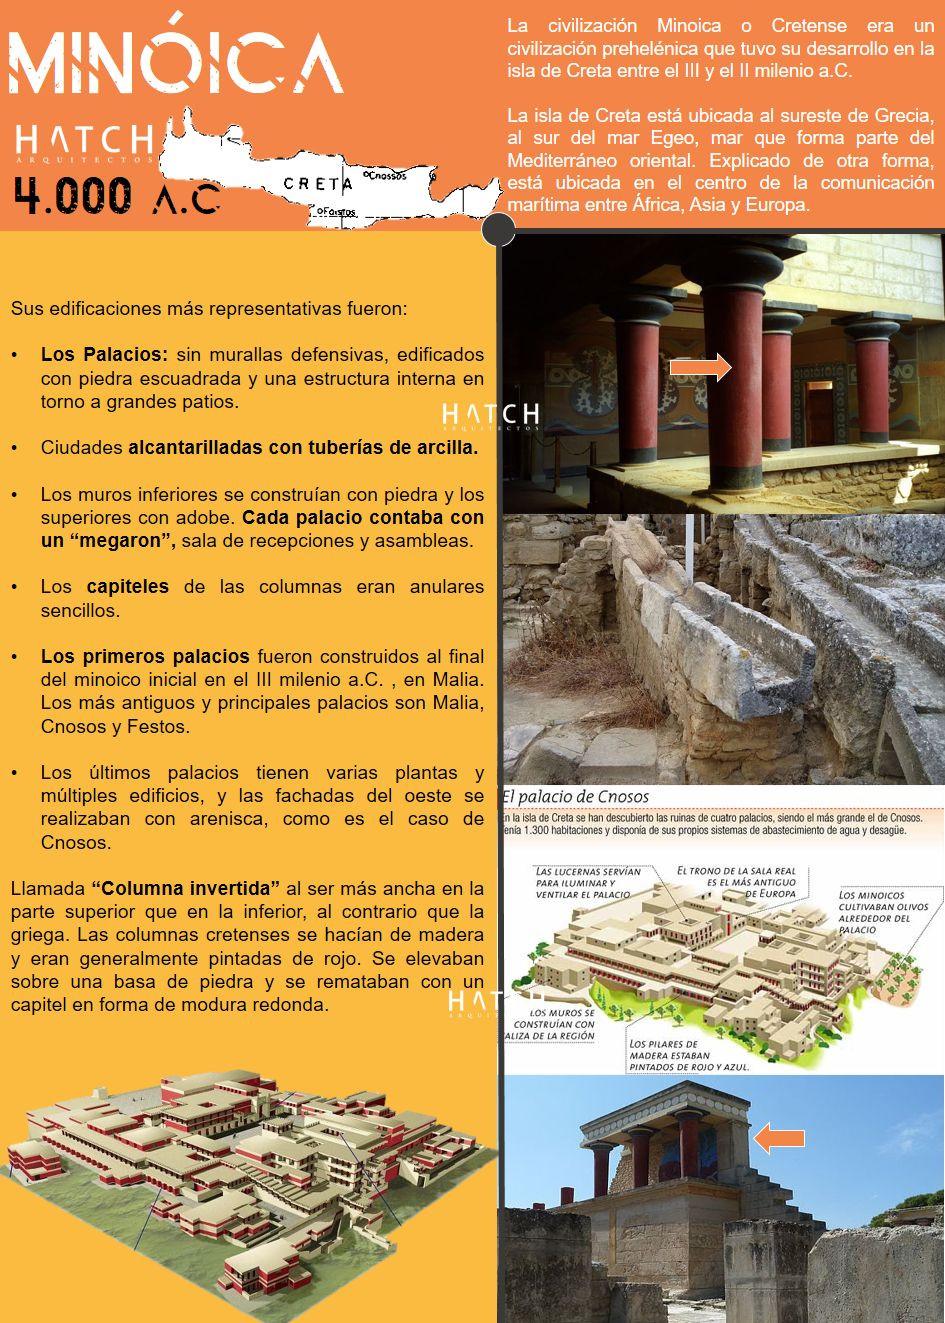 Historia de la ARQUITECTURA🕌 Linea de Tiempo (5000 A.C - 1500 D.C)